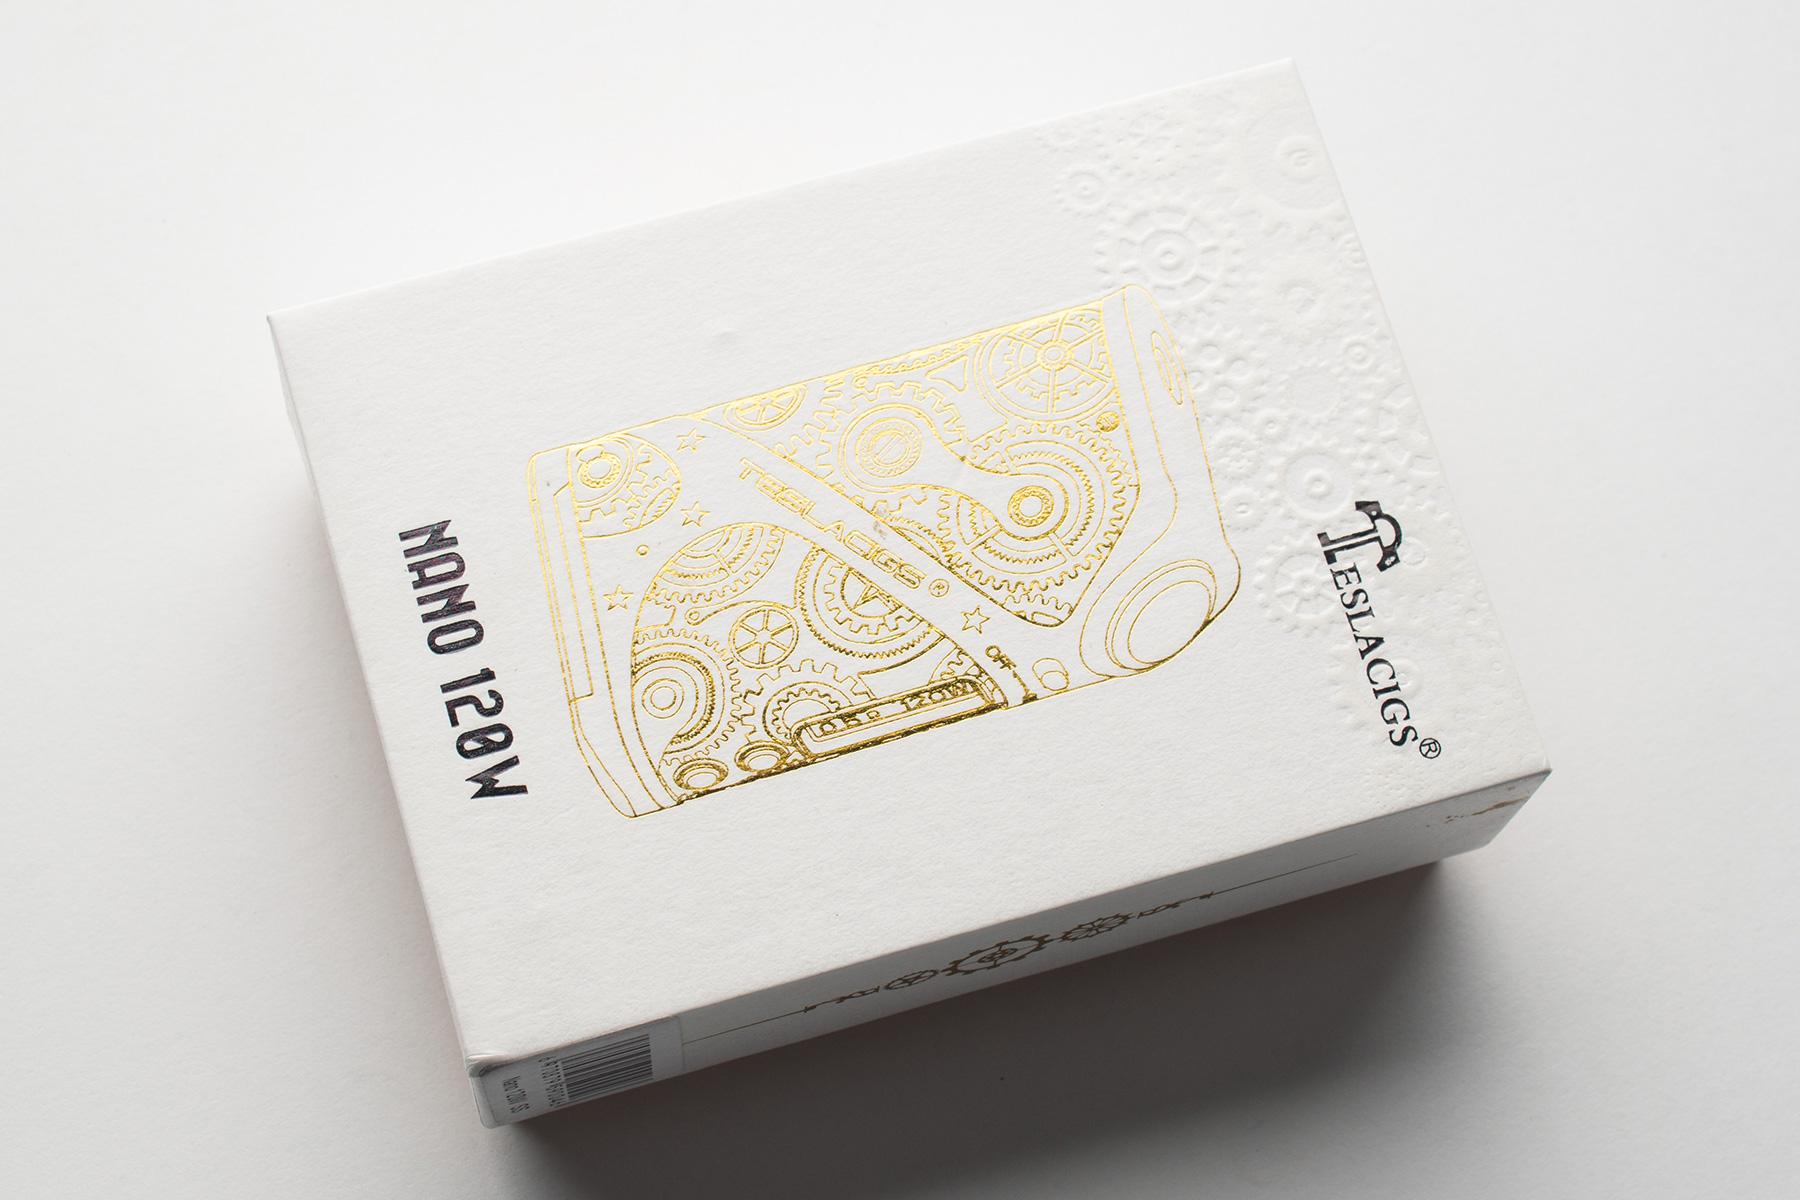 【テクニカルMOD】NANO 120W「ナノ120W」 (TeslaCigs テスラシグズ) レビュー